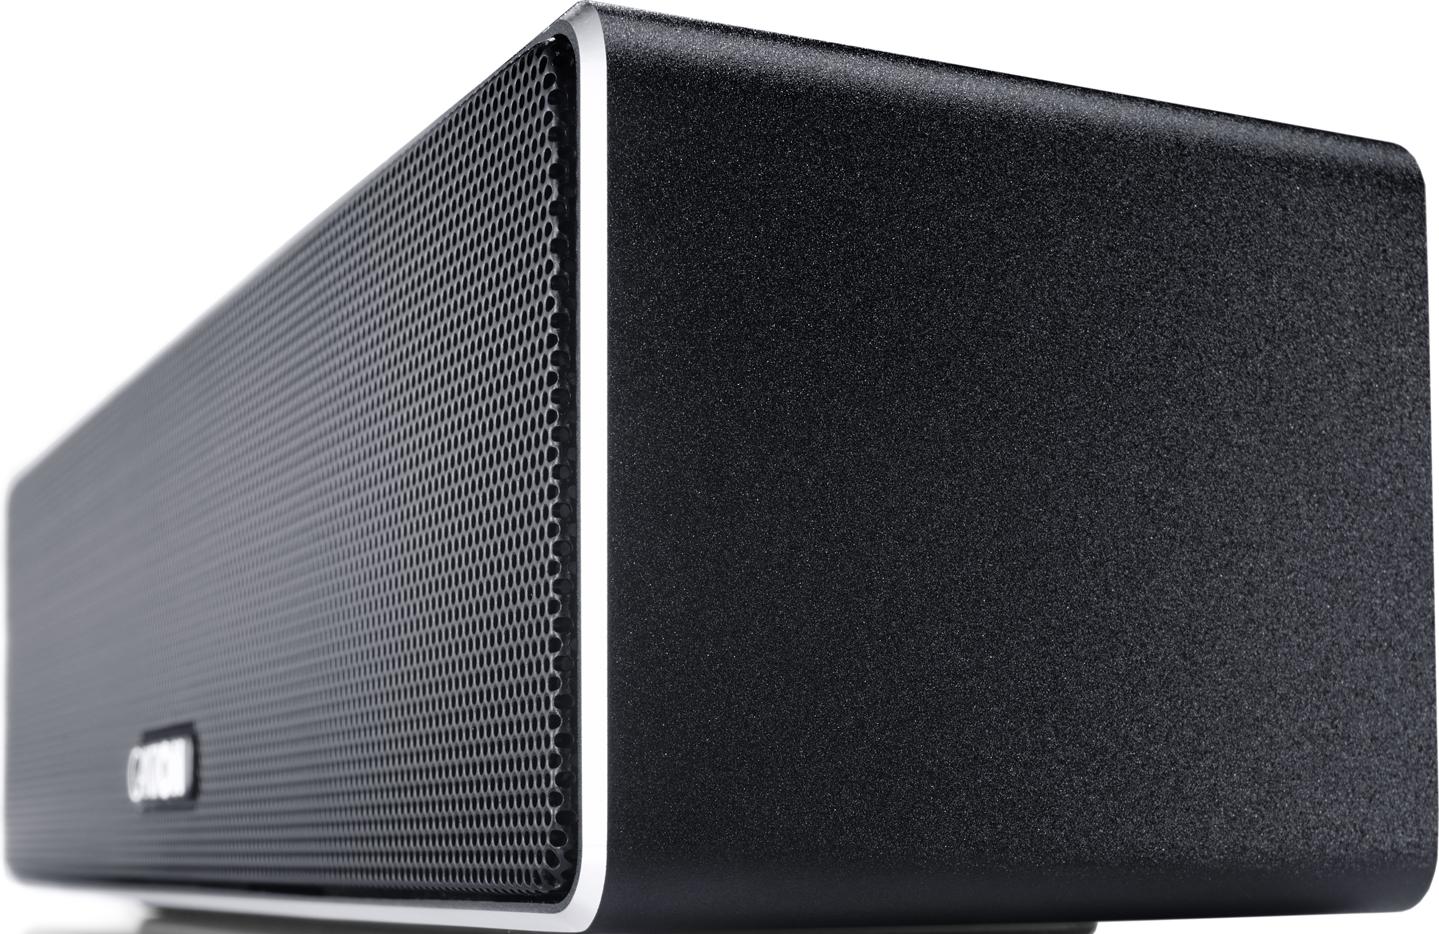 canton musicbox xs portabler lautsprecher bluetooth nfc schwarz g nstig kaufen. Black Bedroom Furniture Sets. Home Design Ideas